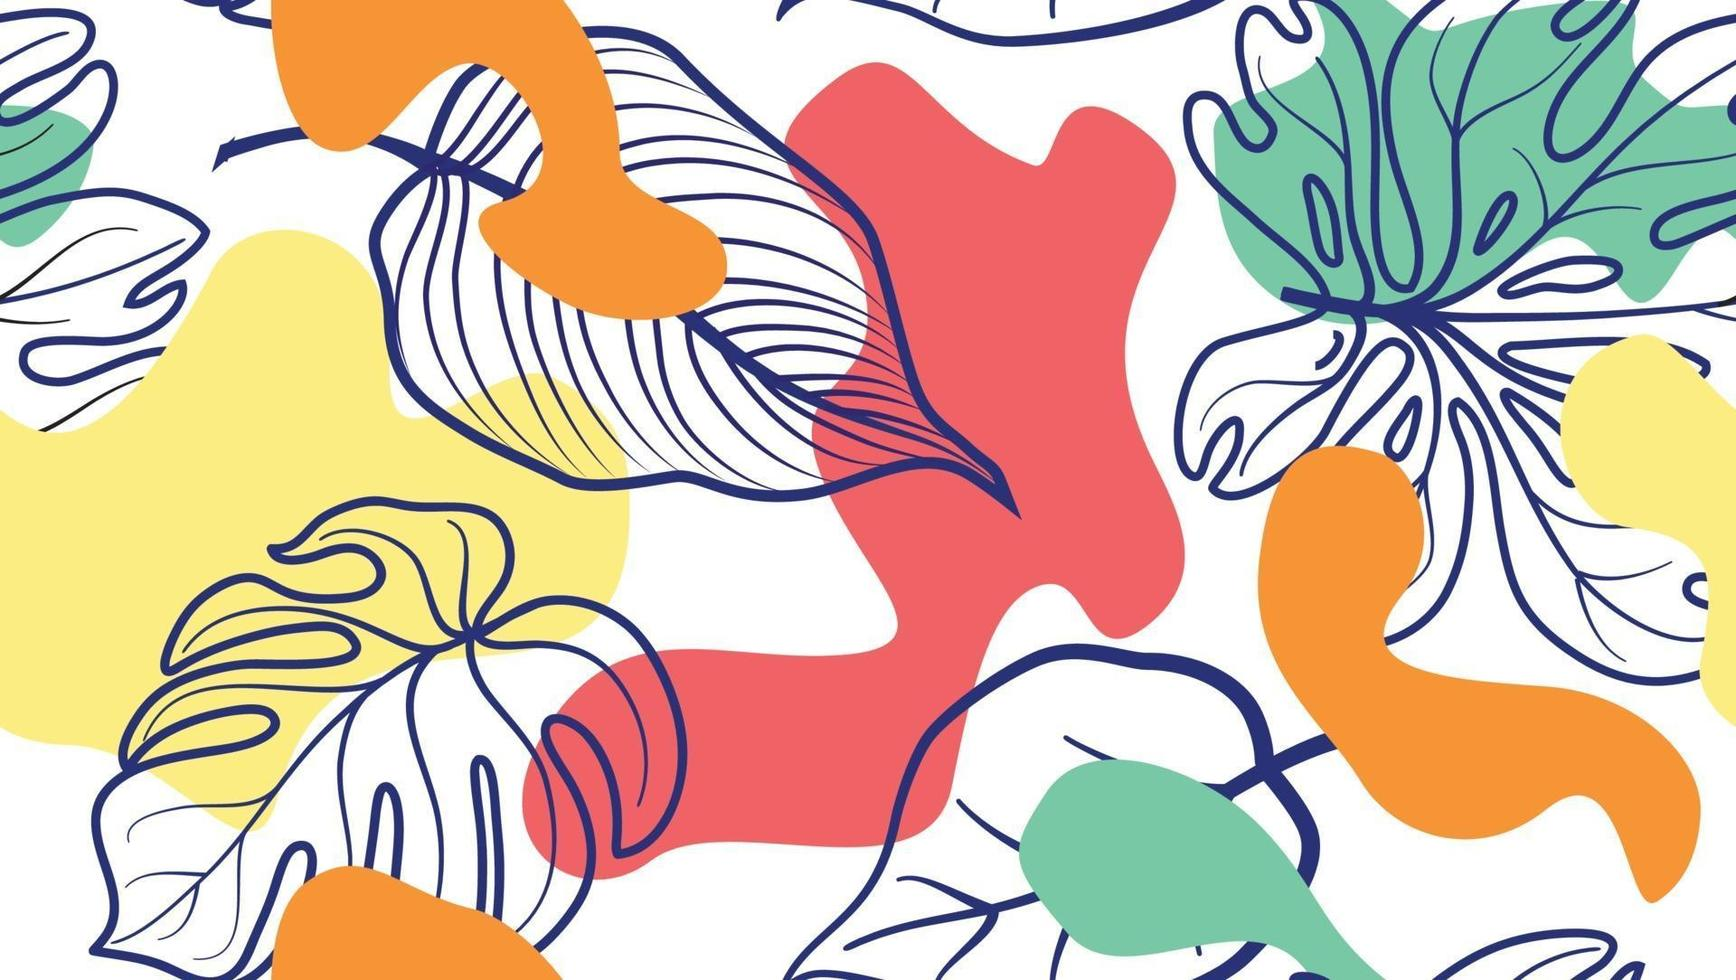 abstrakte organische Flecken und Blätter. nahtloses Blumenmuster im trendigen Stil. stilvoller Hintergrund mit Punkten und fließenden Blumenformen. vektor